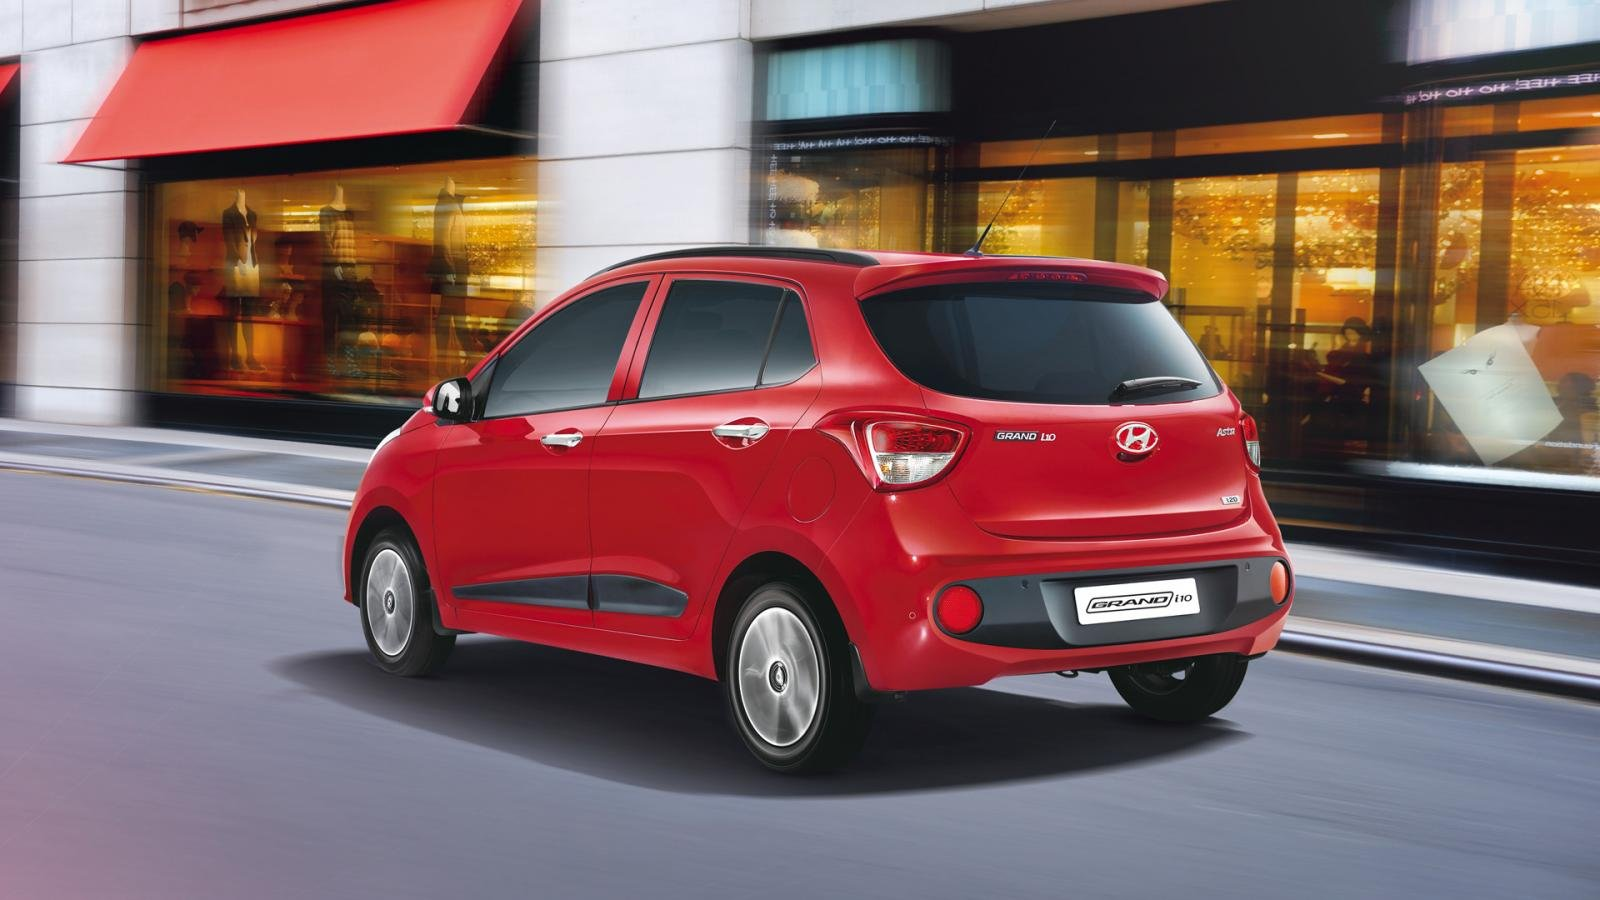 Xe cỡ nhỏ giá rẻ, tân binh Honda Brio có thể lật đổ ''''''''thống soái'''''''' Hyundai Grand i10? 13.